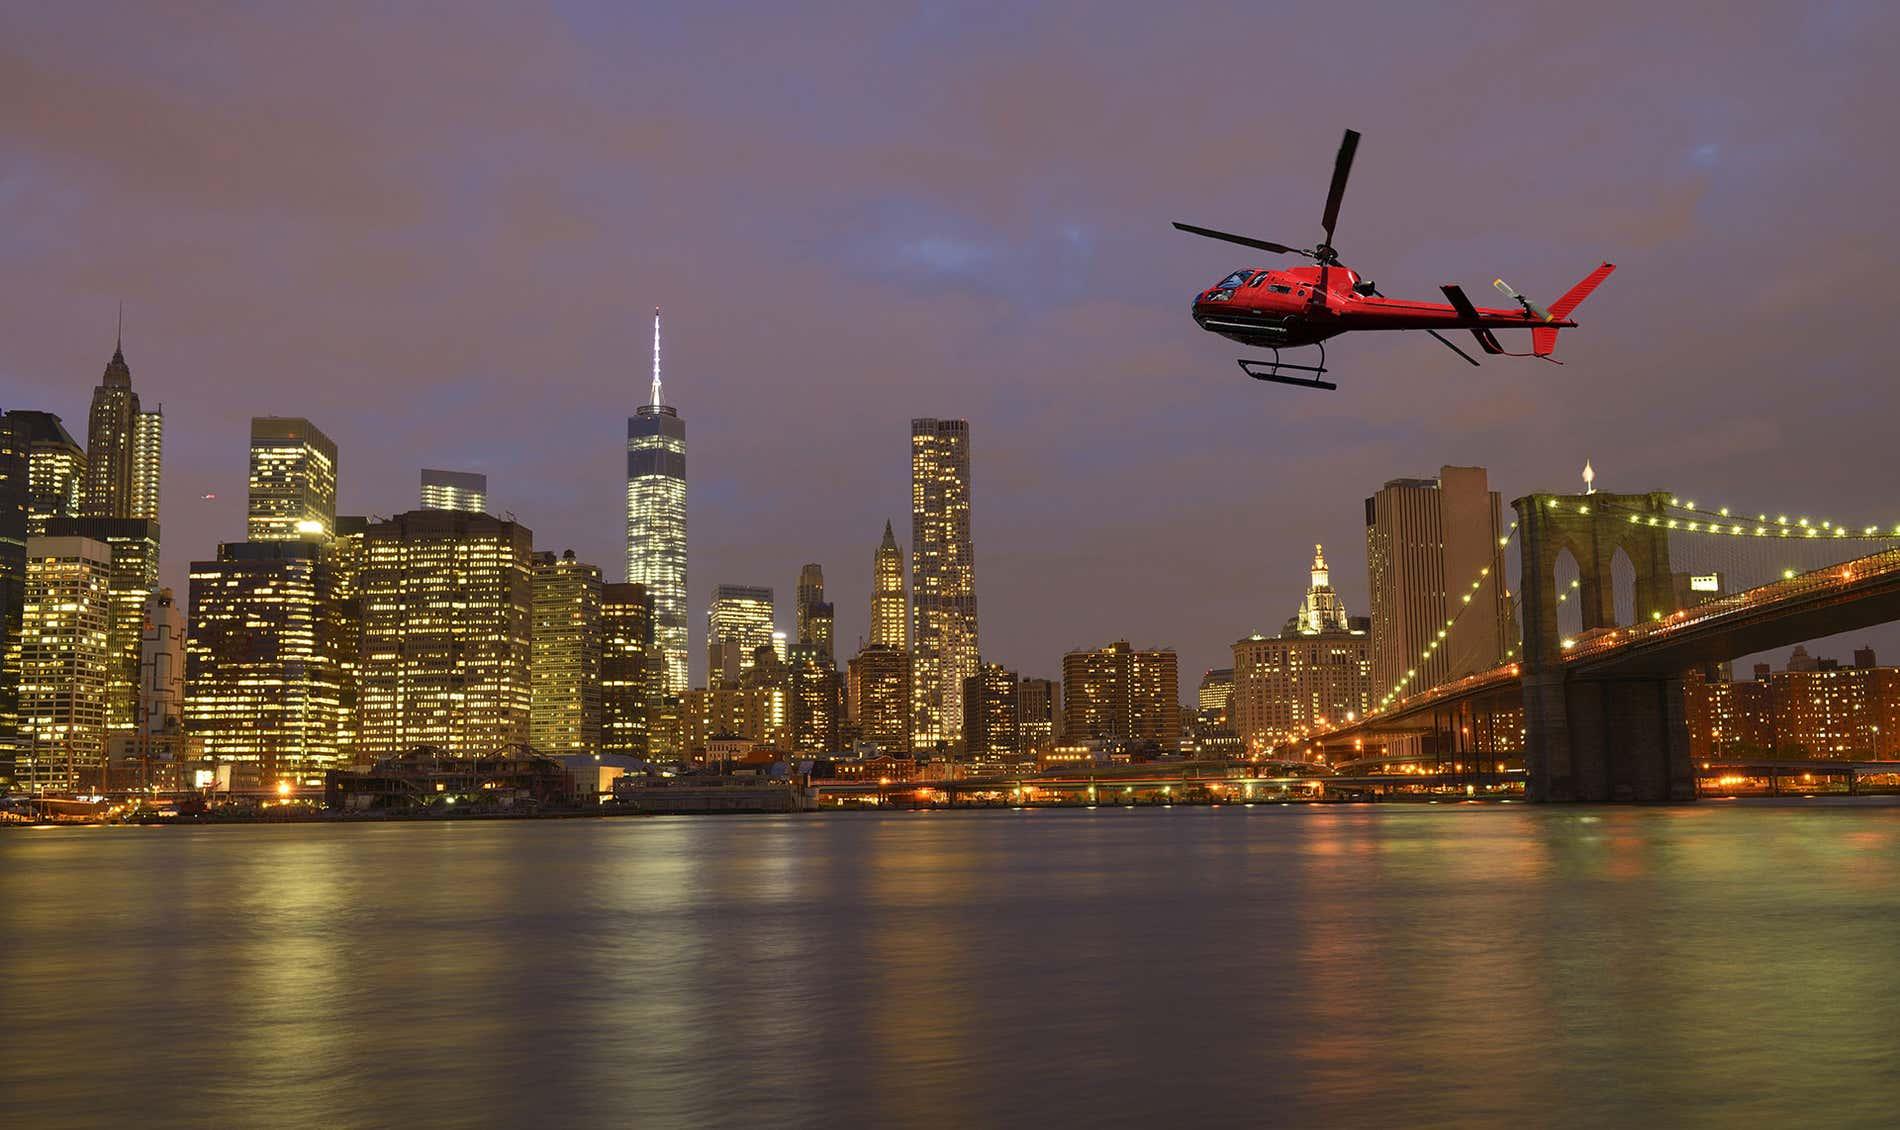 """Bases legais da promoção """"Voe de helicóptero em NY com a Civitatis"""""""